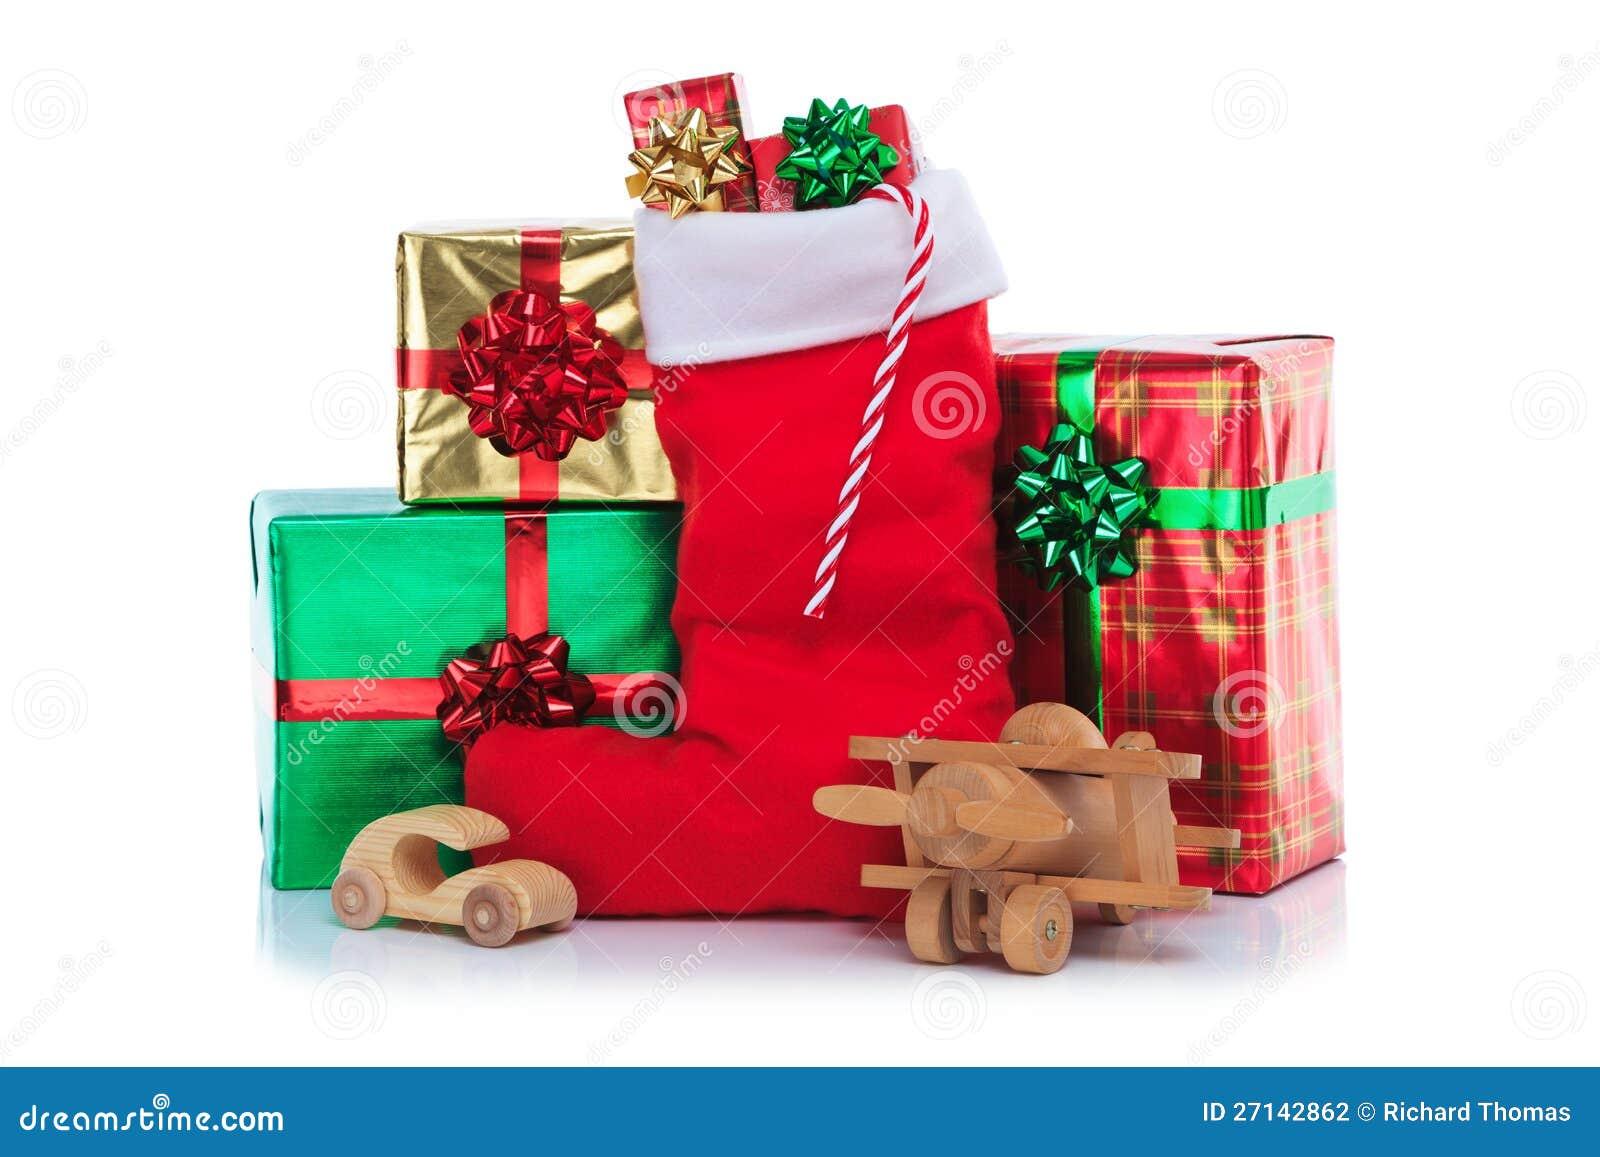 Weihnachtsstrumpf Mit Geschenken Wickelte Geschenke Ein Stockfoto ...